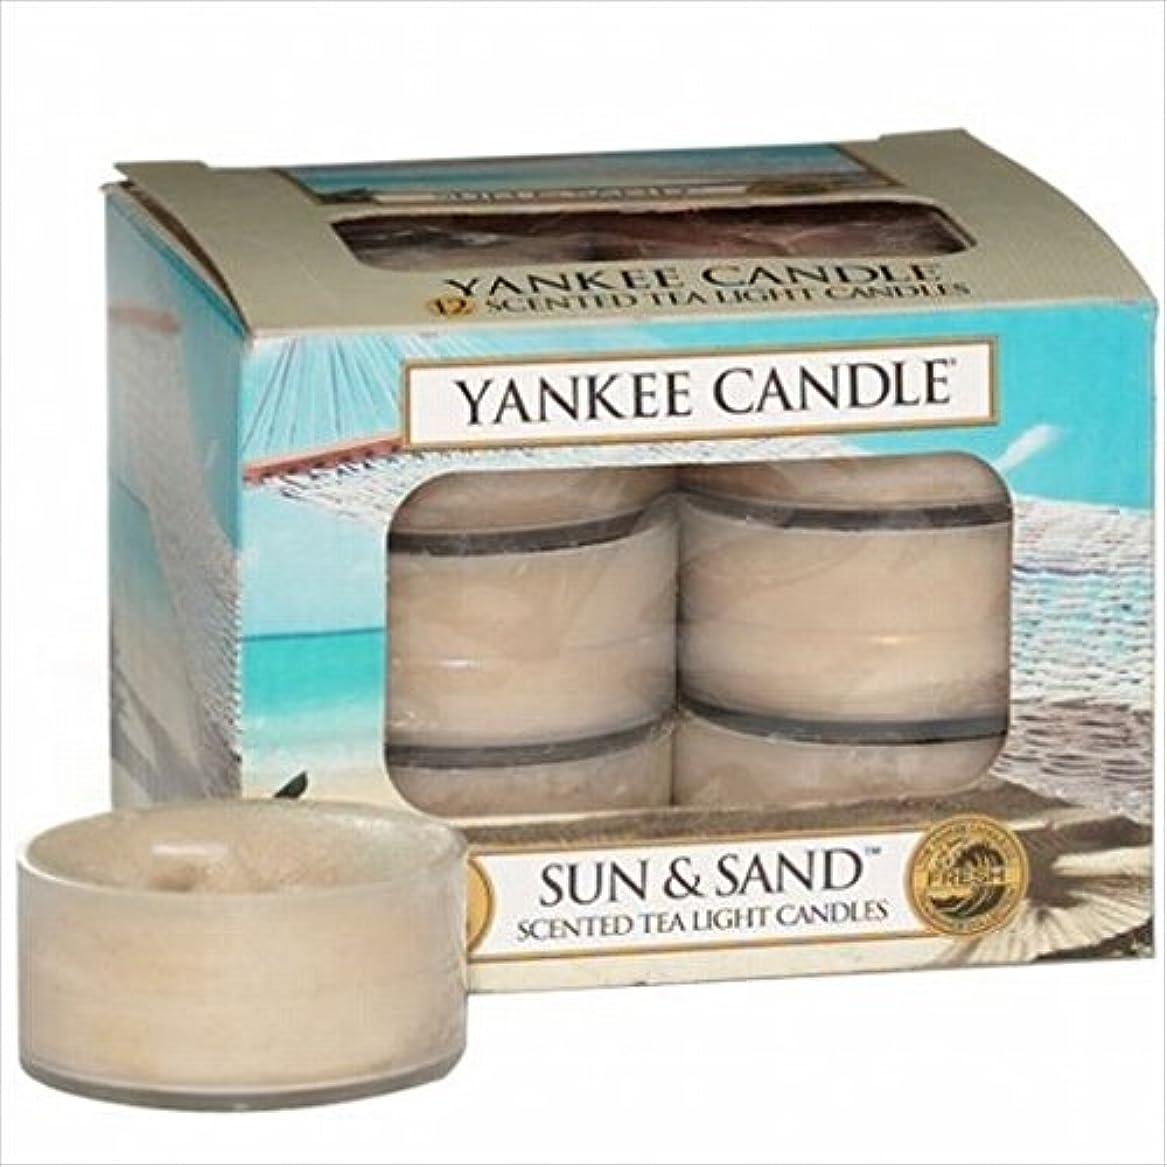 水陸両用おばあさんゲージヤンキーキャンドル( YANKEE CANDLE ) YANKEE CANDLE クリアカップティーライト12個入り 「 サン&サンド 」